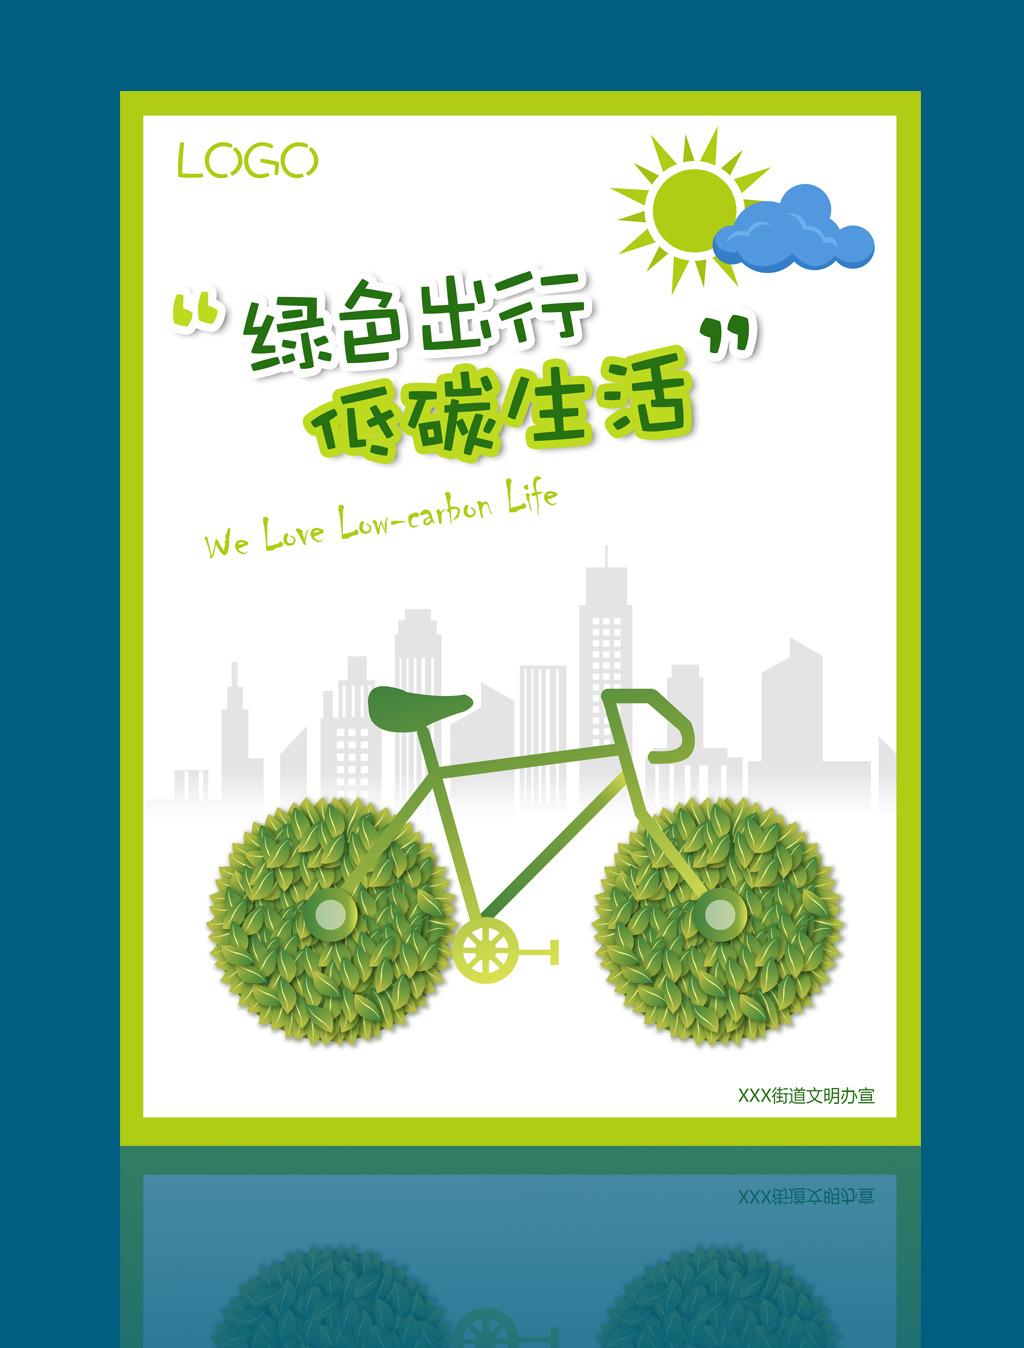 低碳生活绿色出行环境保护环保宣传城市宣传